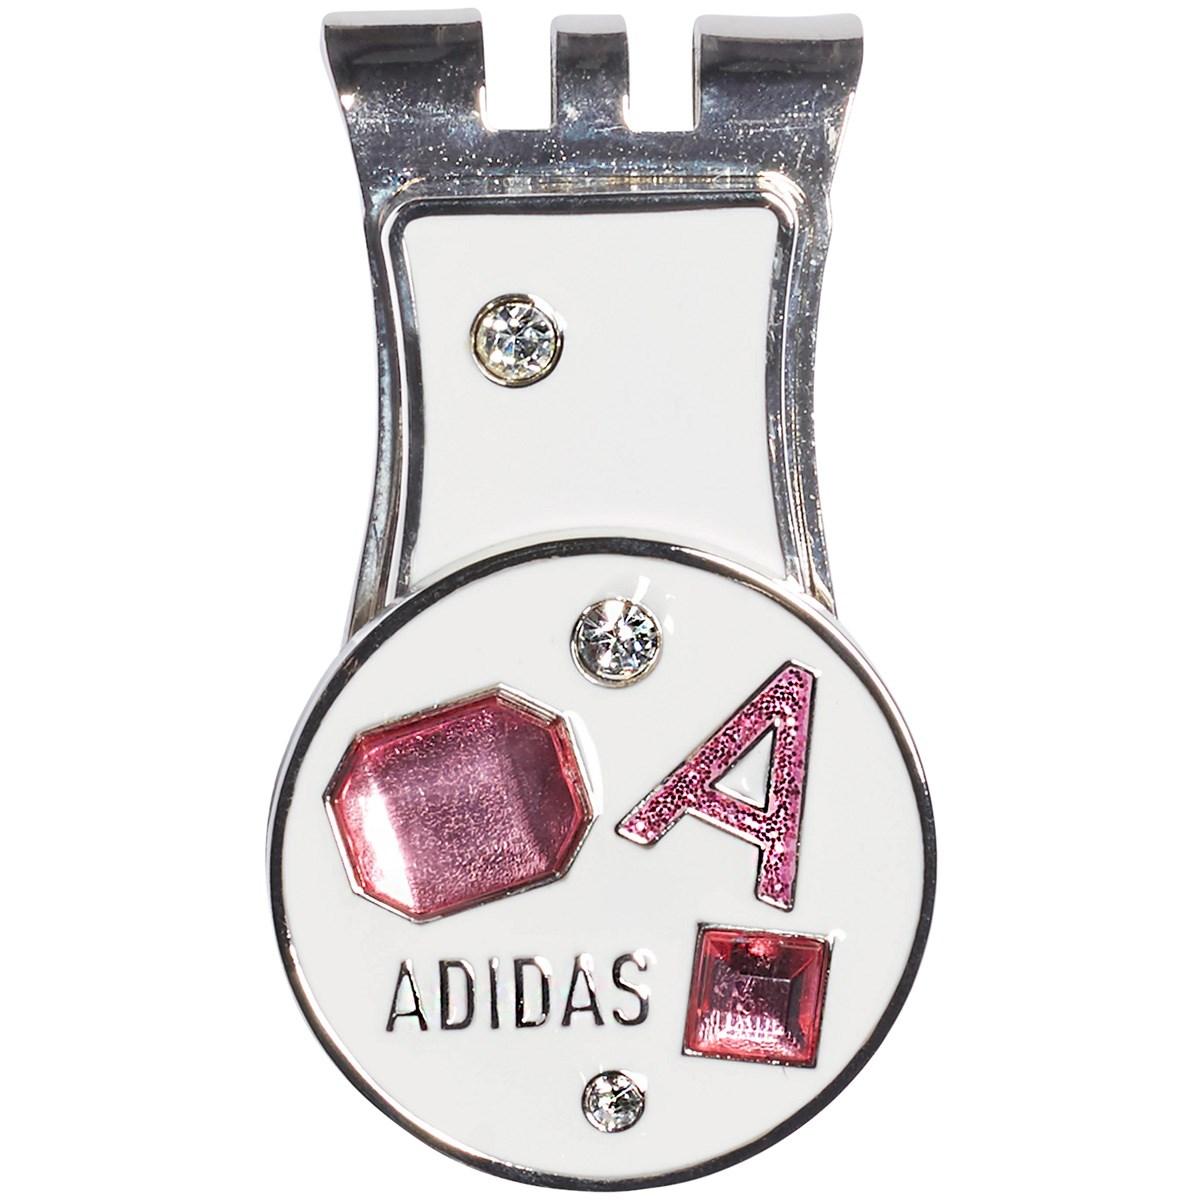 アディダス Adidas ストーンポケットコインマーカー ホワイト